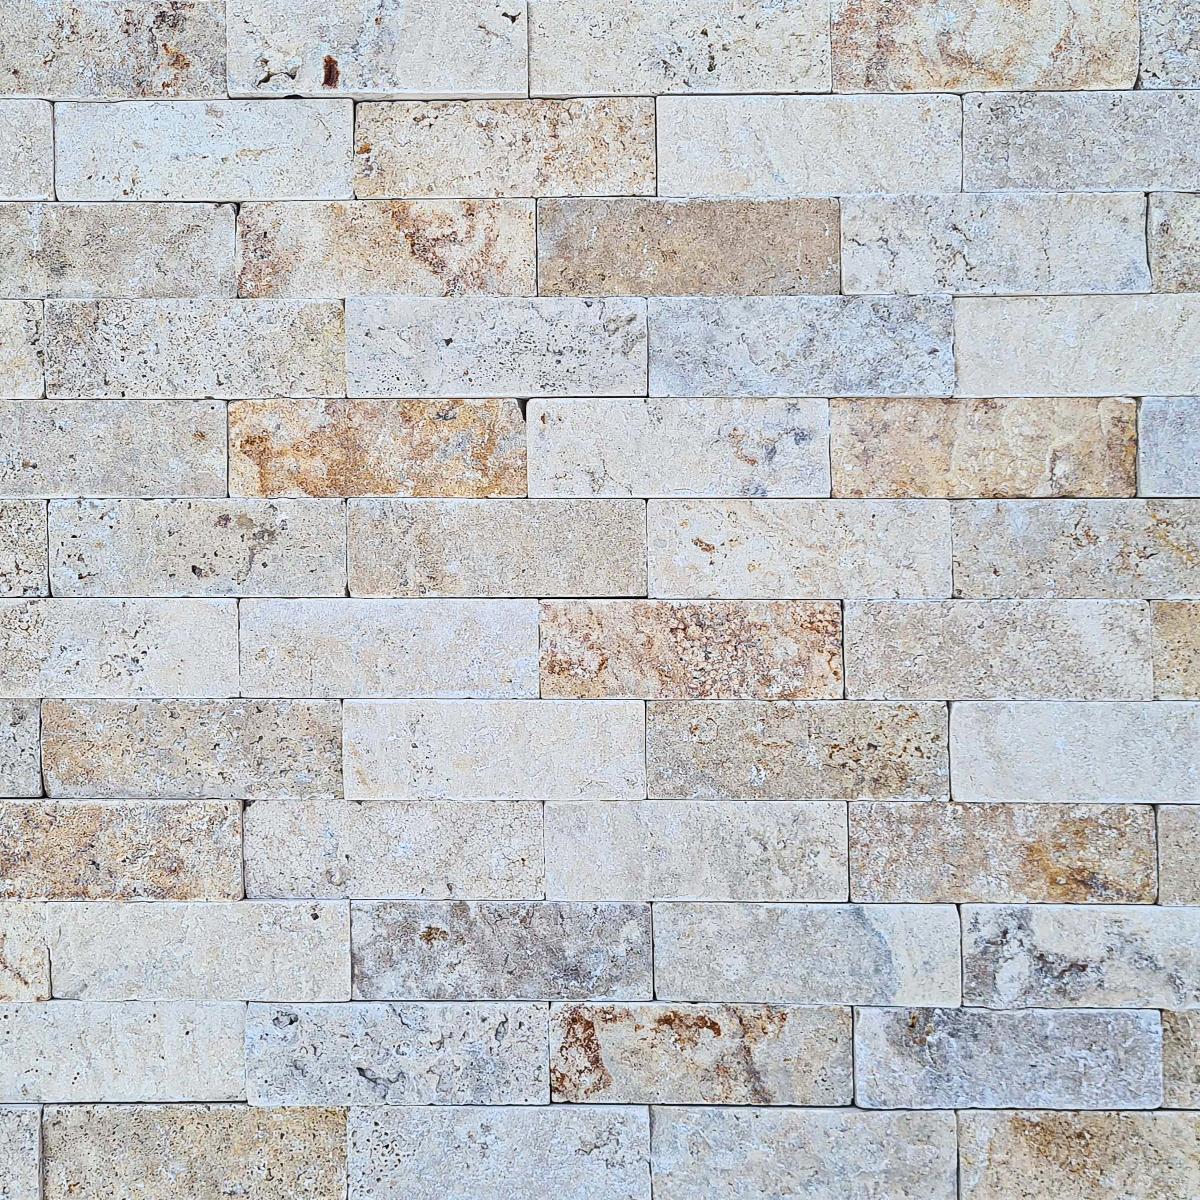 Spacatto Travertino Crema/Amarillo Mate - 5X15 cm - 0.54 m2